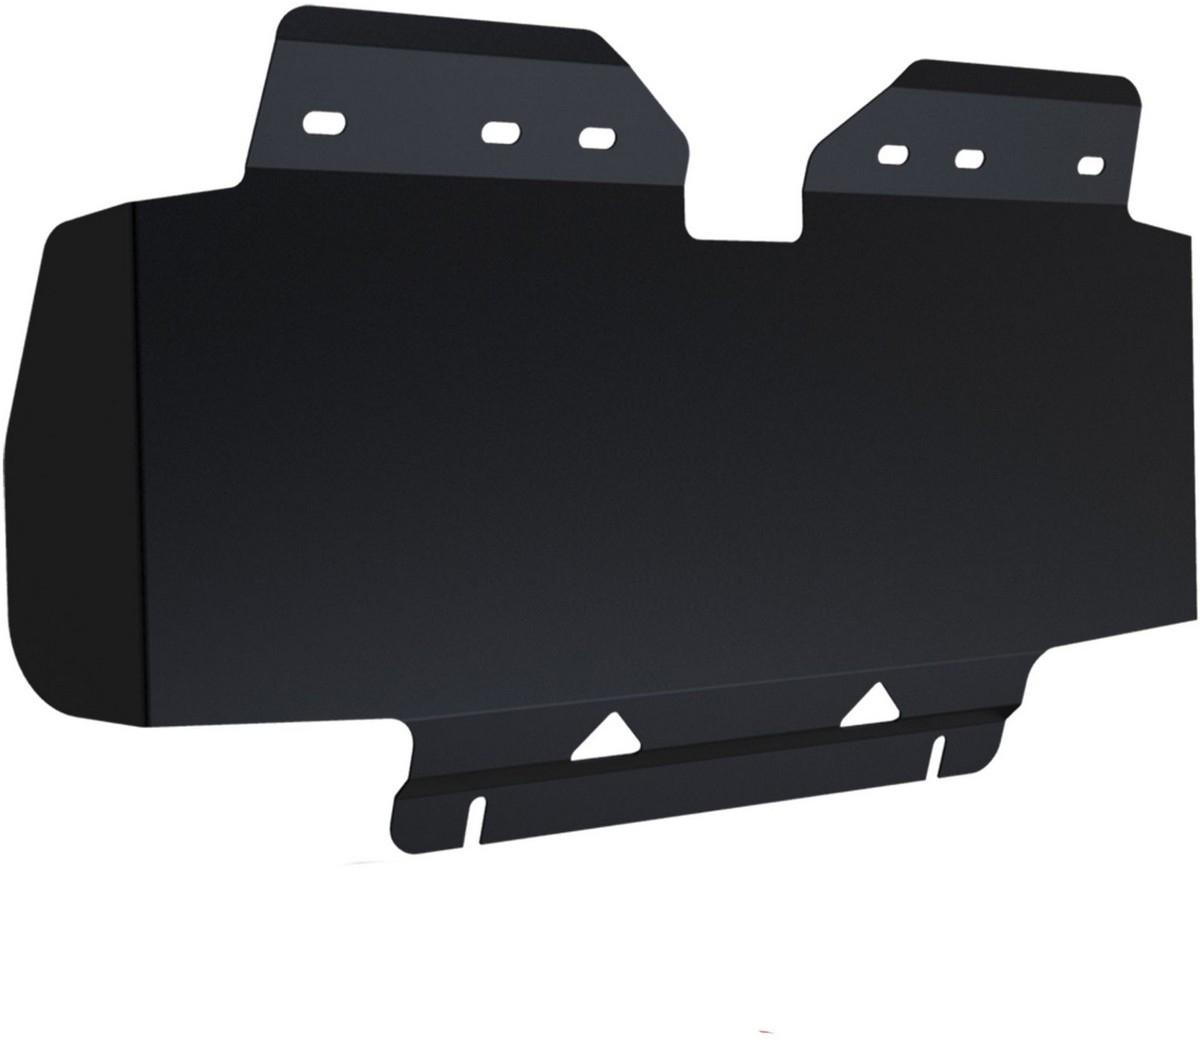 Купить Защита радиатора Автоброня Nissan Patrol 2010-, сталь 2 мм,